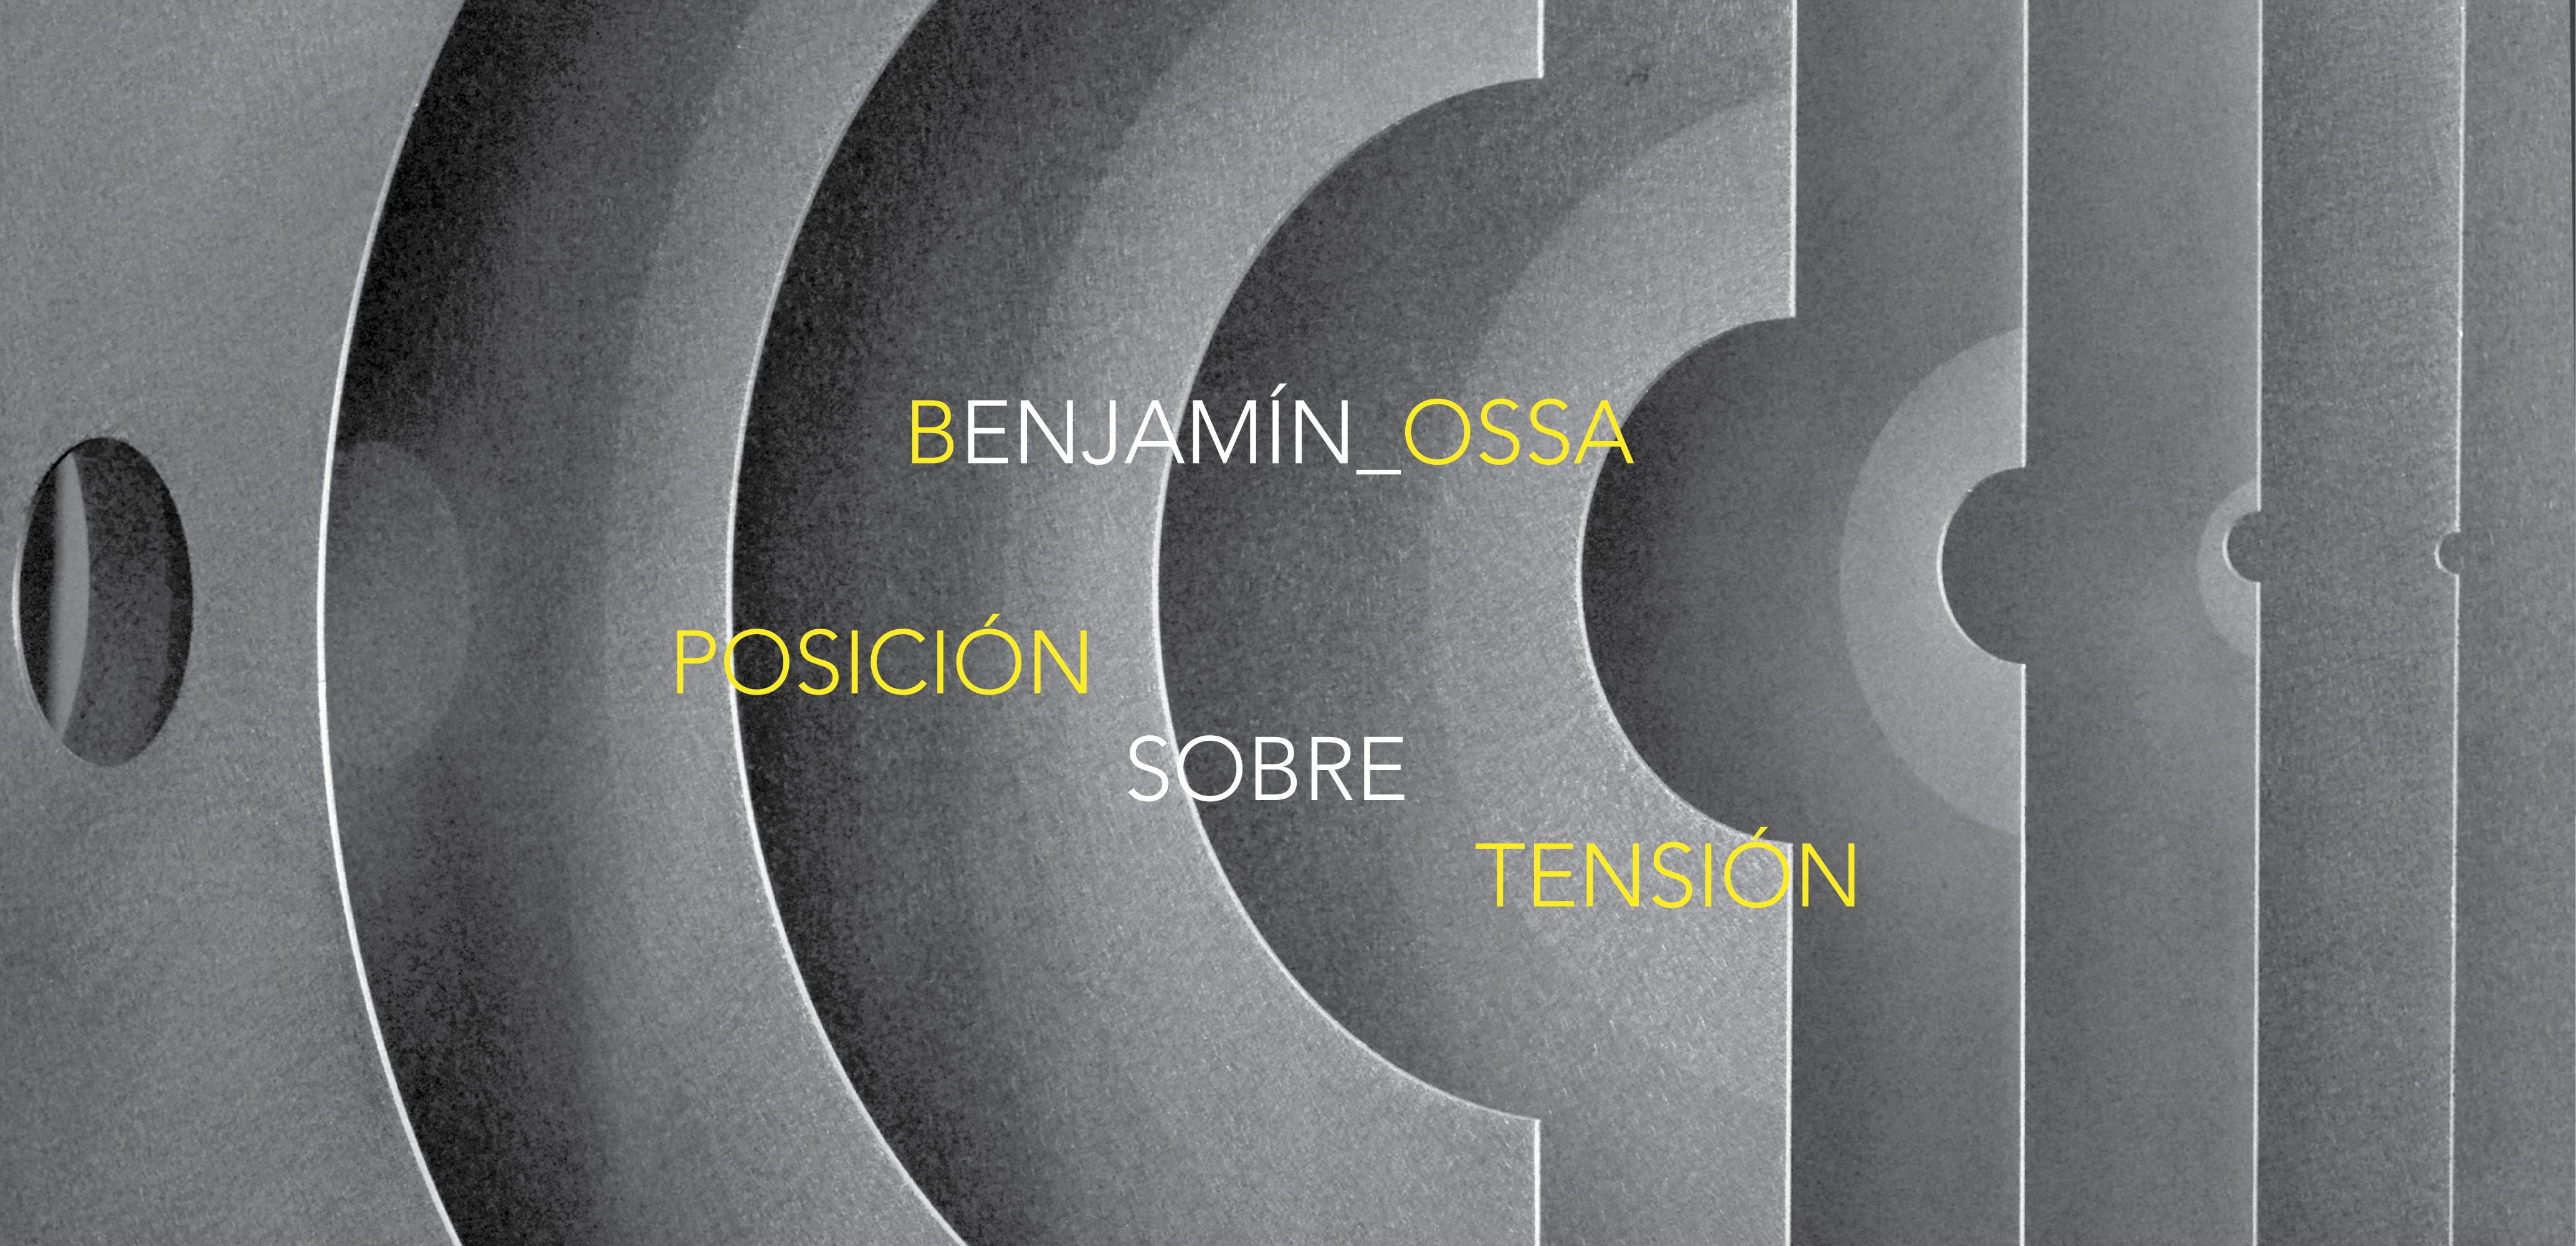 04. PosiciónsobreTensión_ArtebannerWebsite